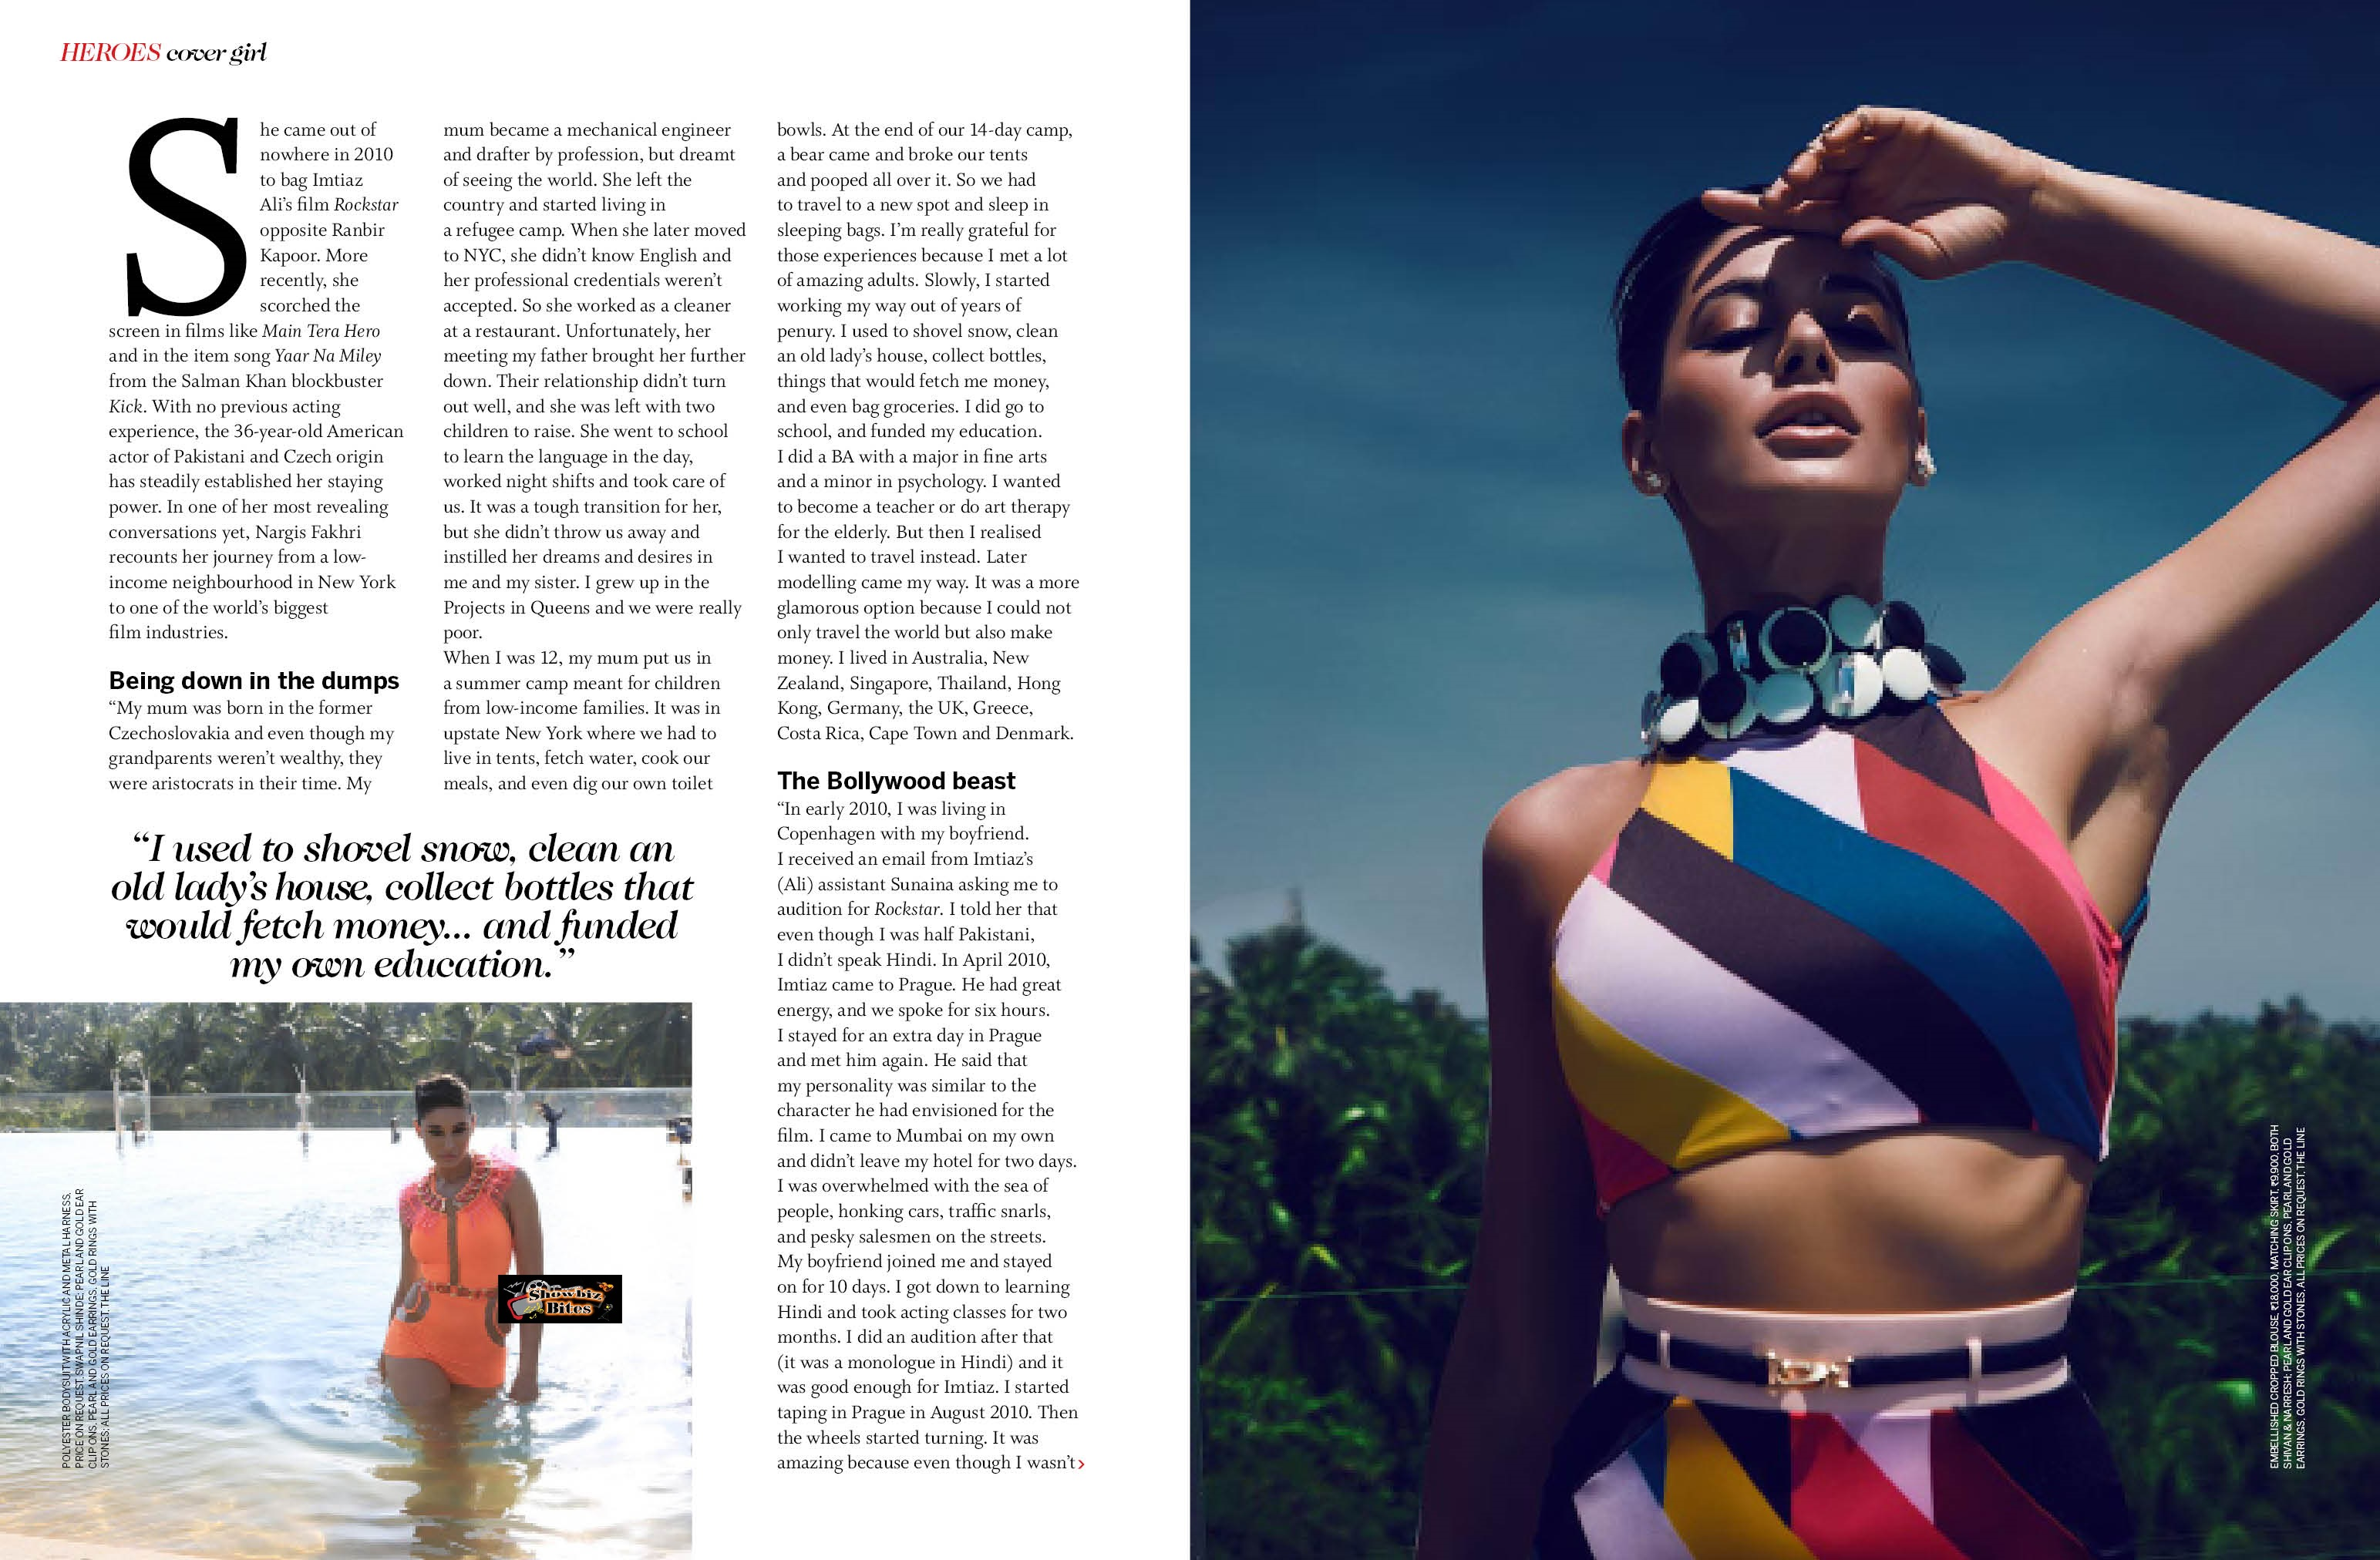 Image Courtesy: Femina Magazine